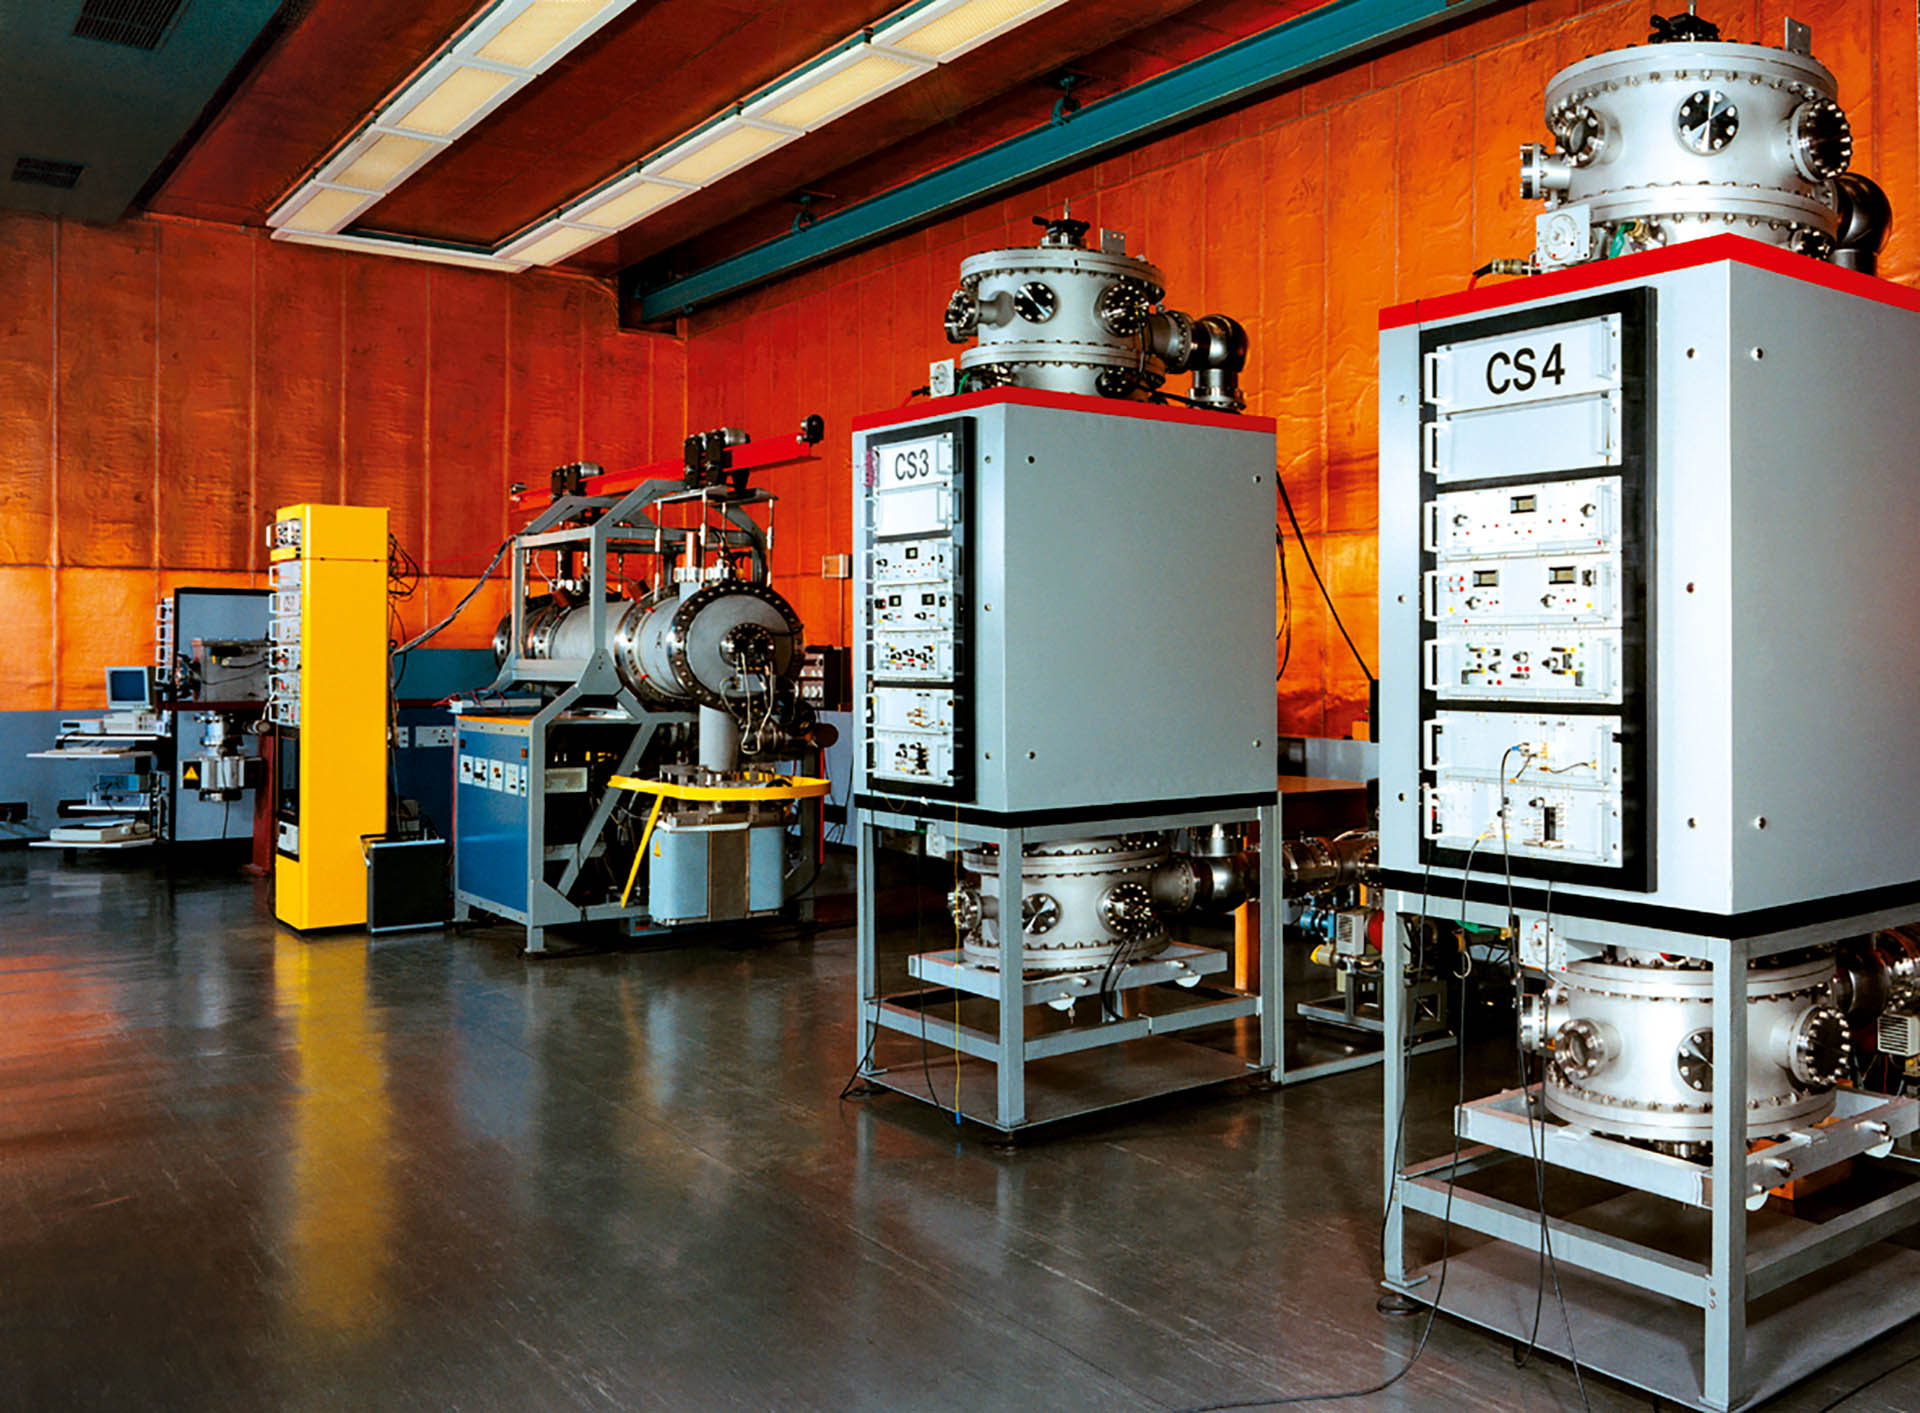 Atomuhren der Physikalisch-Technischen Bundesanstalt in Braunschweig